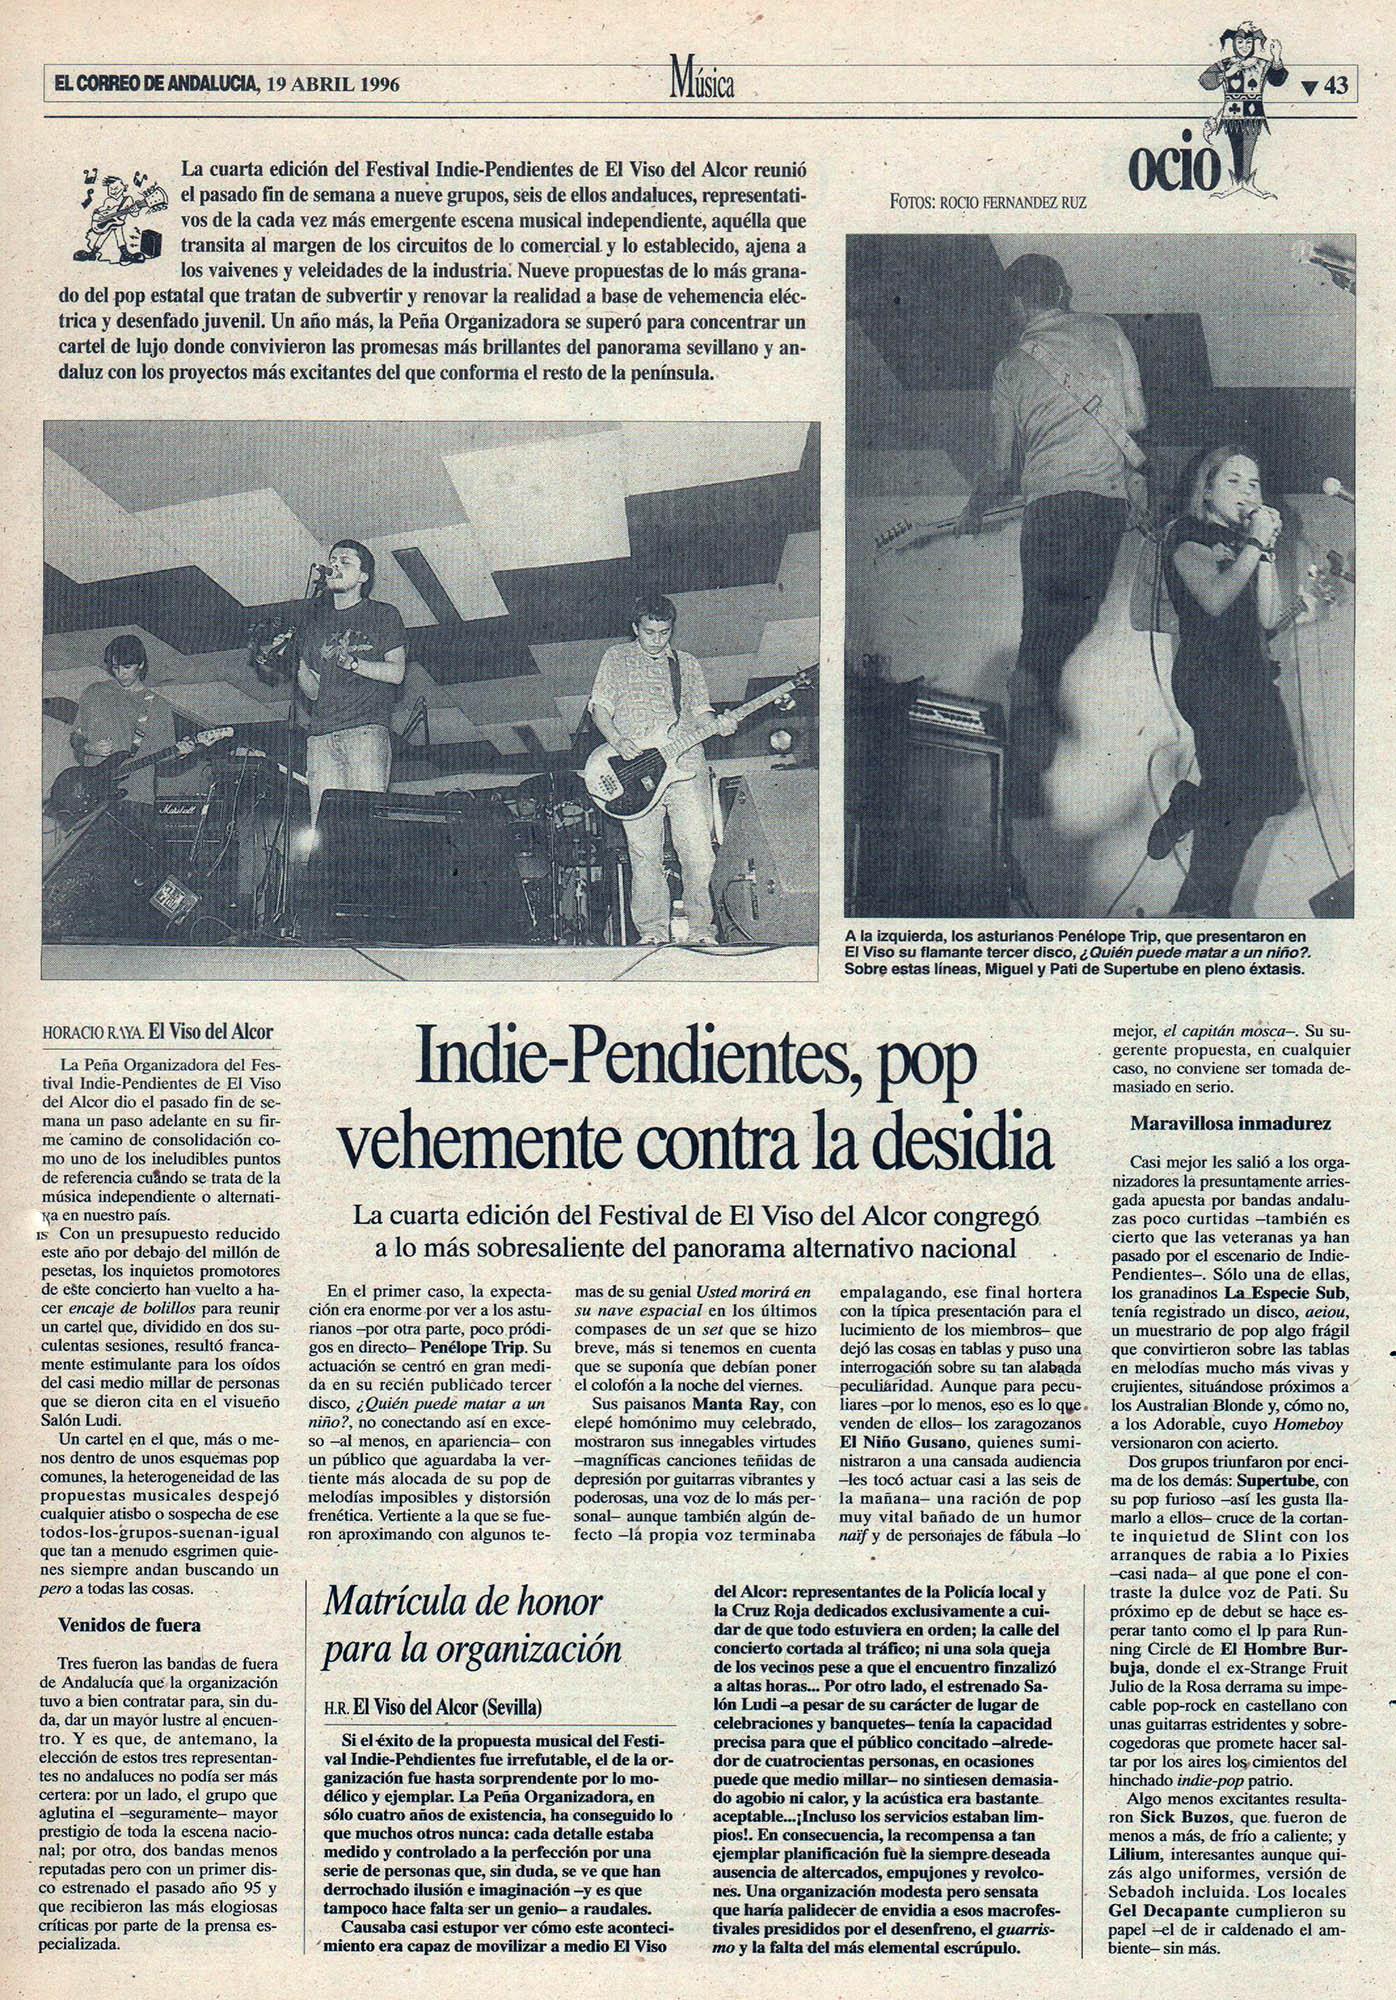 Crónica / Indie-Pendientes: pop vehemente contra la desidia - Festival El Viso del Alcor | El Correo de Andalucía | 19 abr 1996